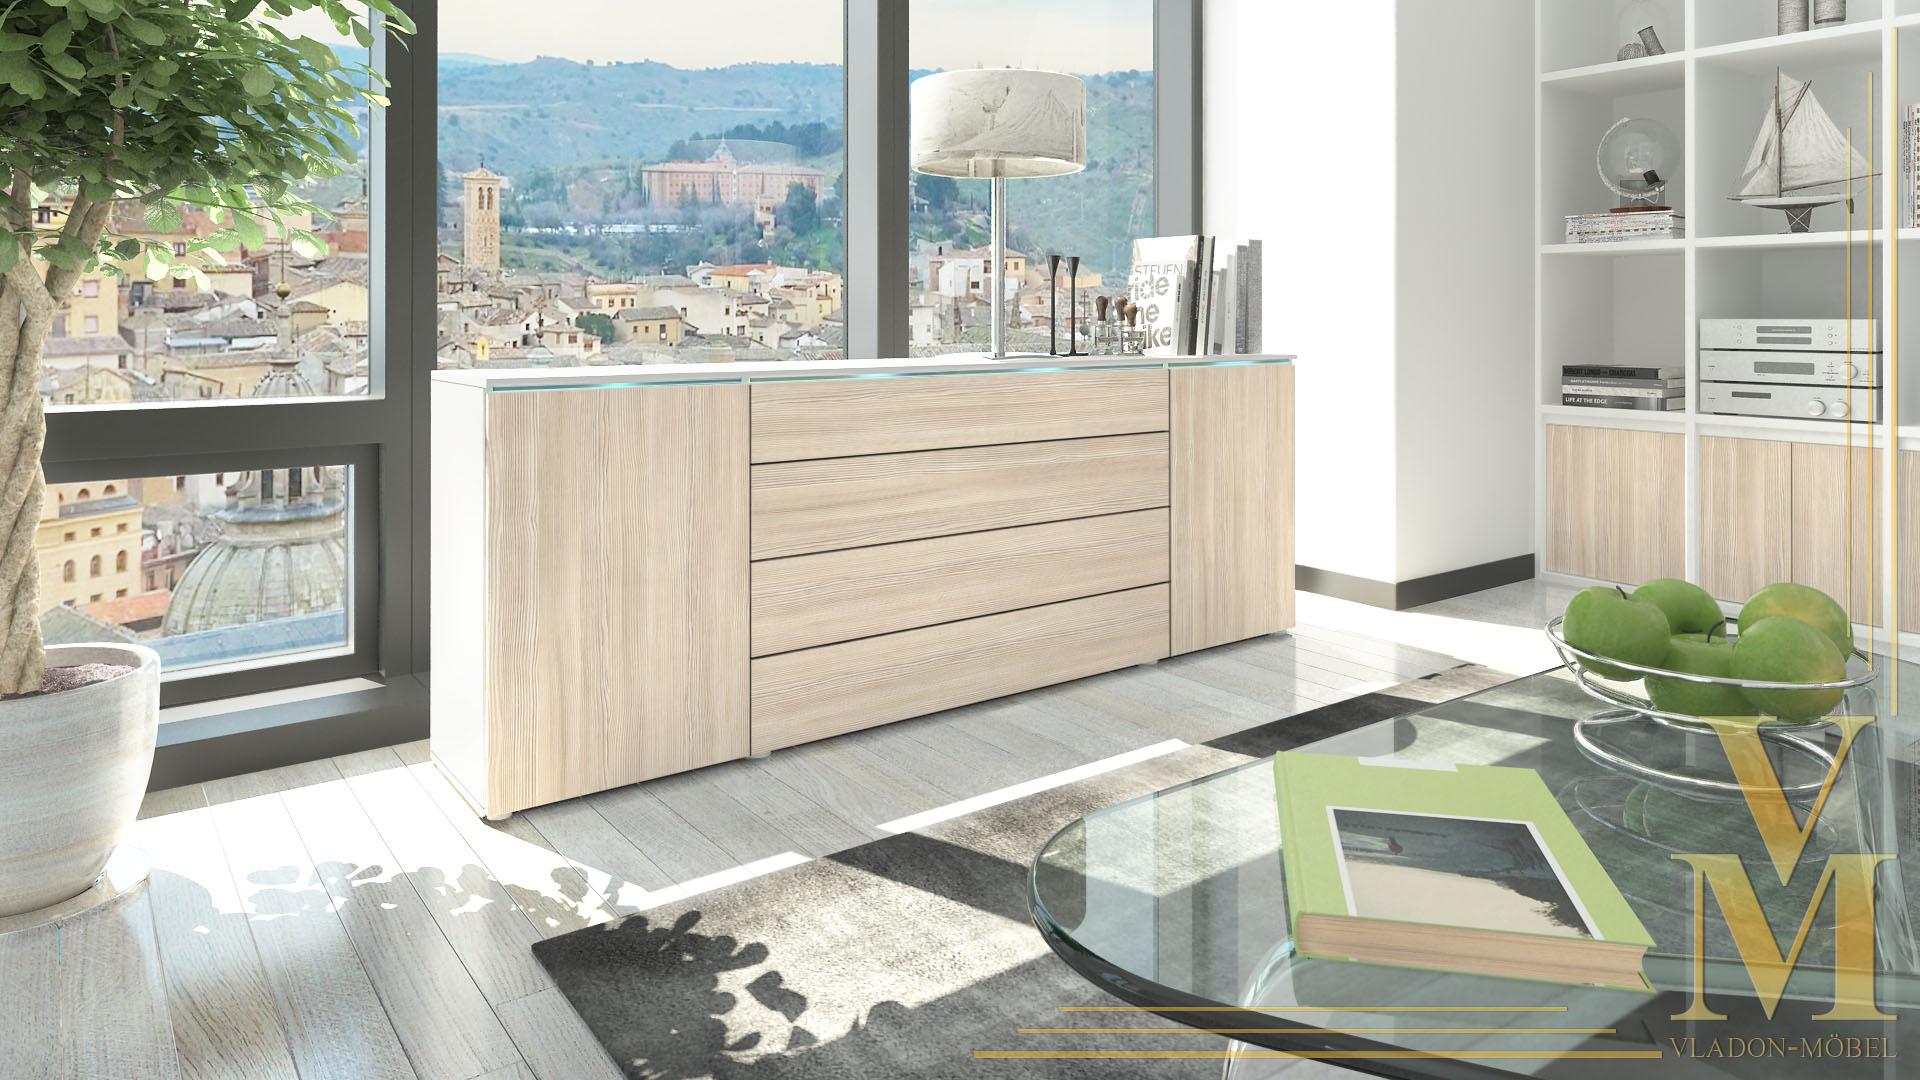 wohnzimmer design steinwand. Black Bedroom Furniture Sets. Home Design Ideas